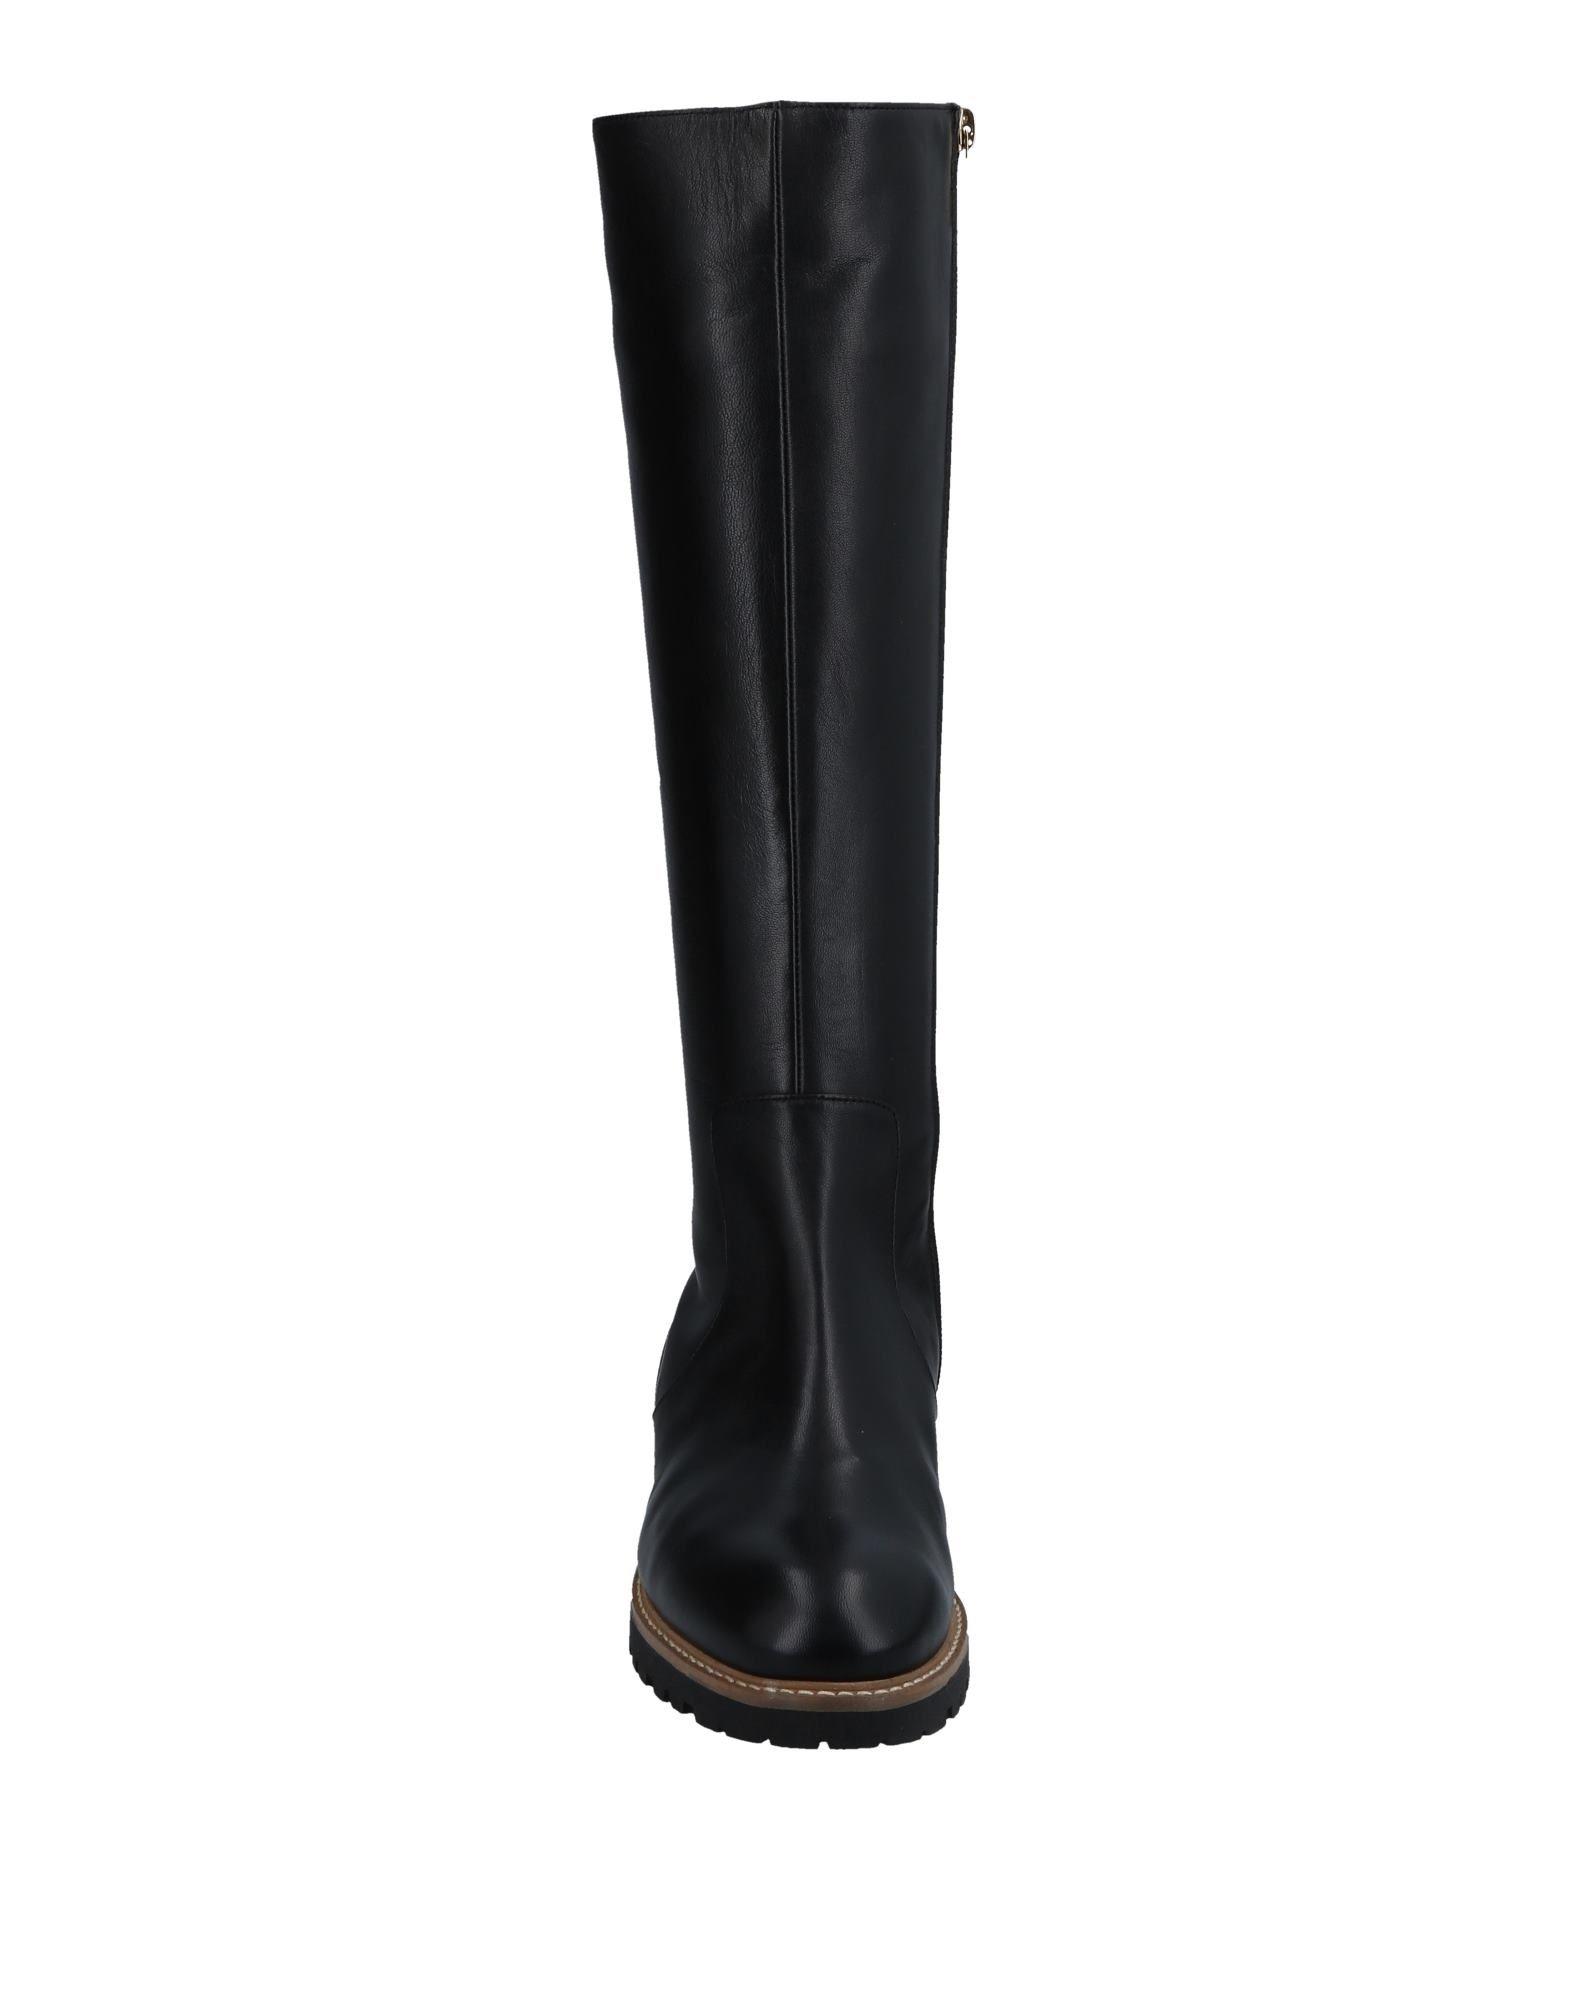 Rabatt Schuhe Fiorangelo Stiefel Damen Damen Damen  11510743ON 828be2